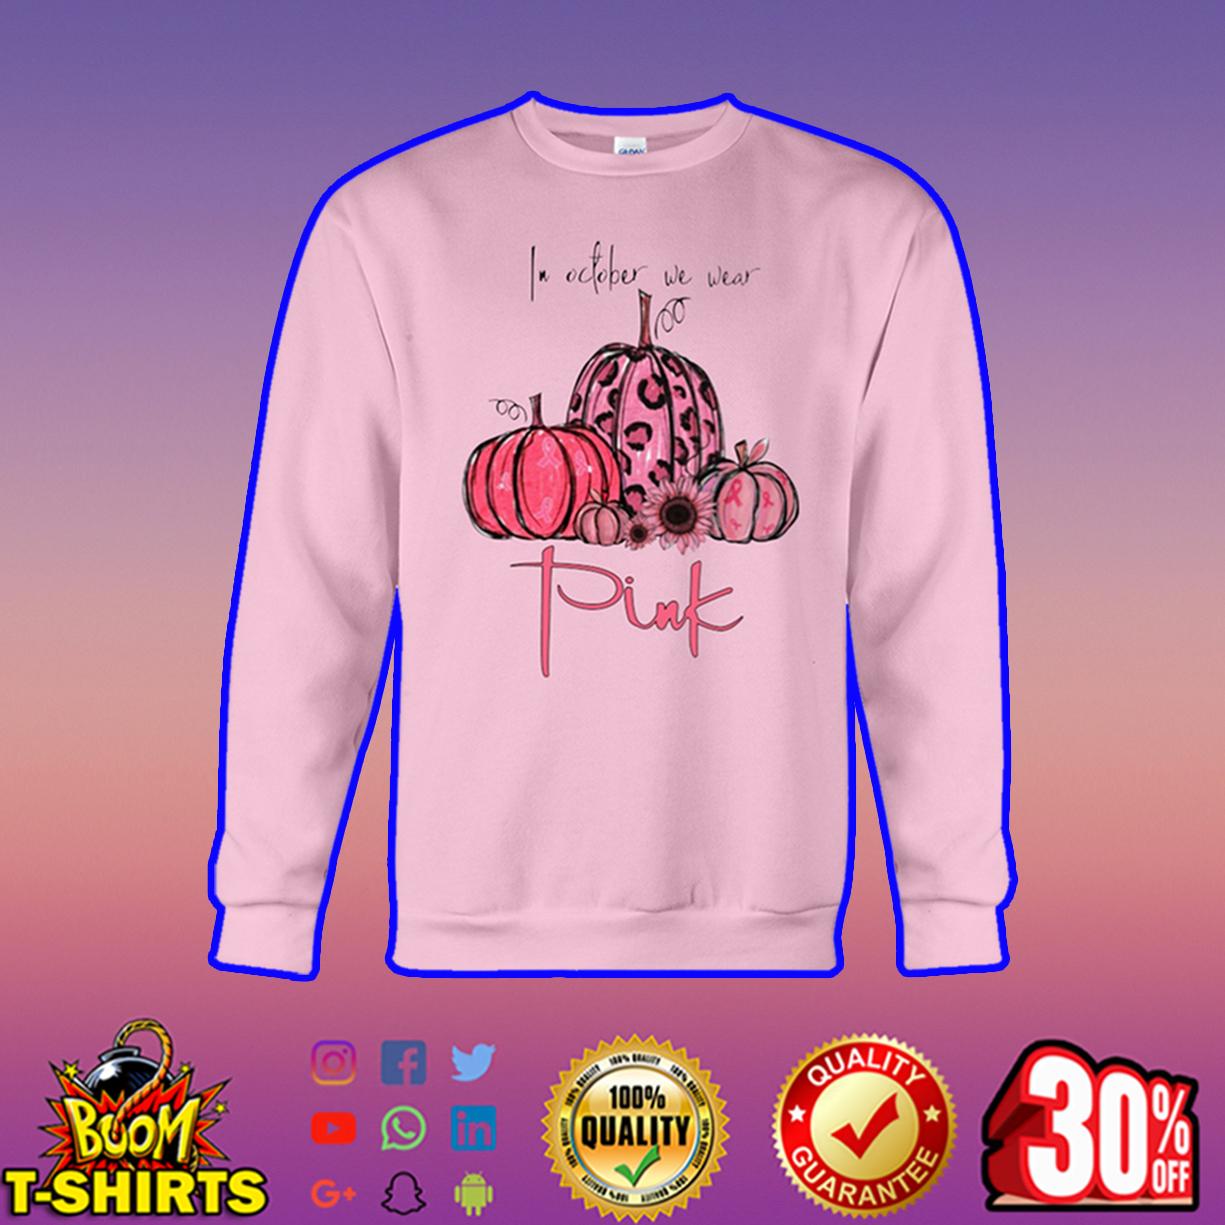 Pumpkin In october we wear pink sweatshirt